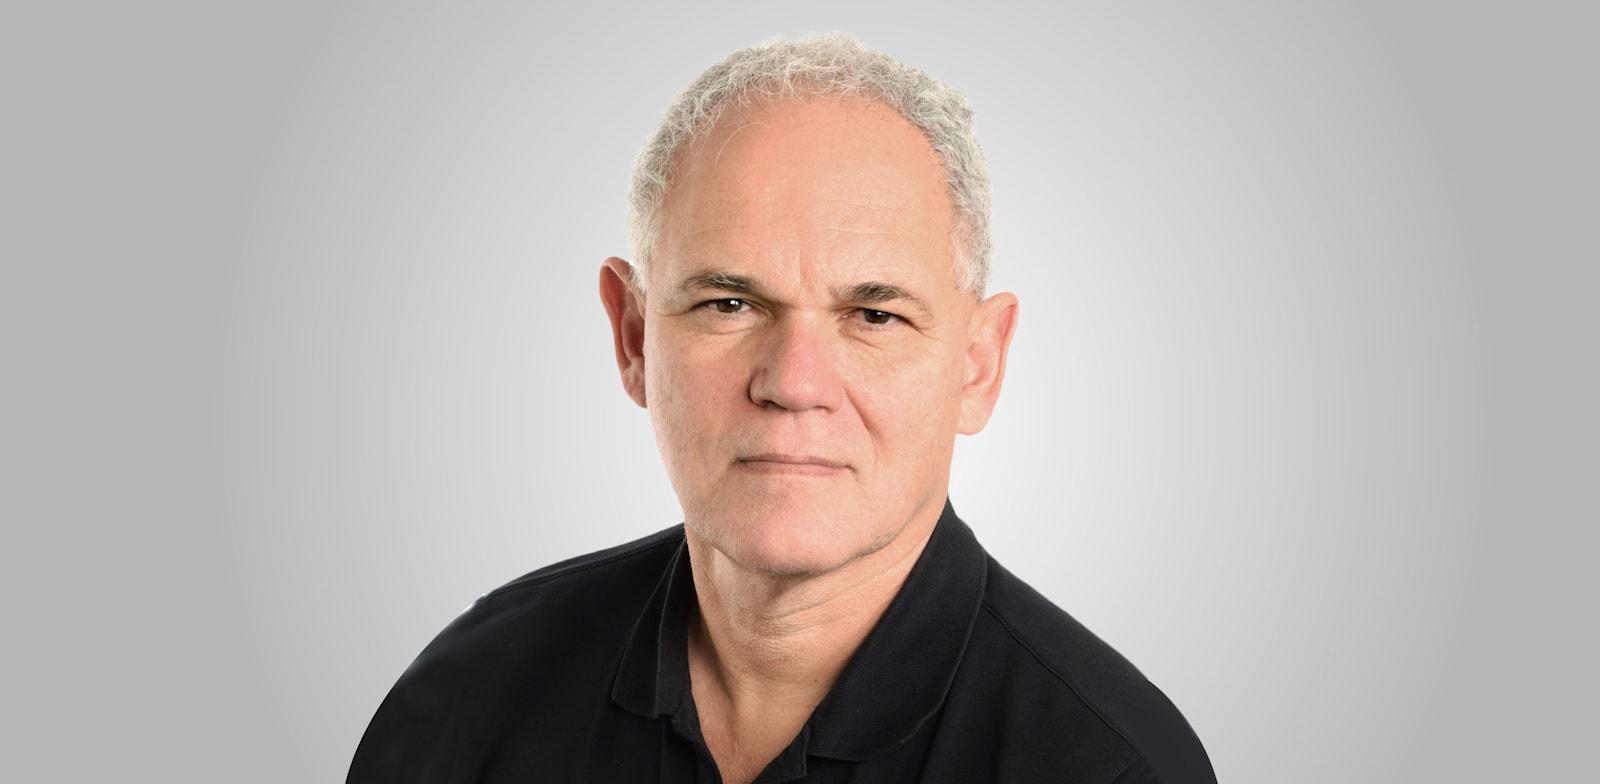 """עירא פלטי, נשיא ומנכ""""ל סרגון / צילום: משה כהן"""